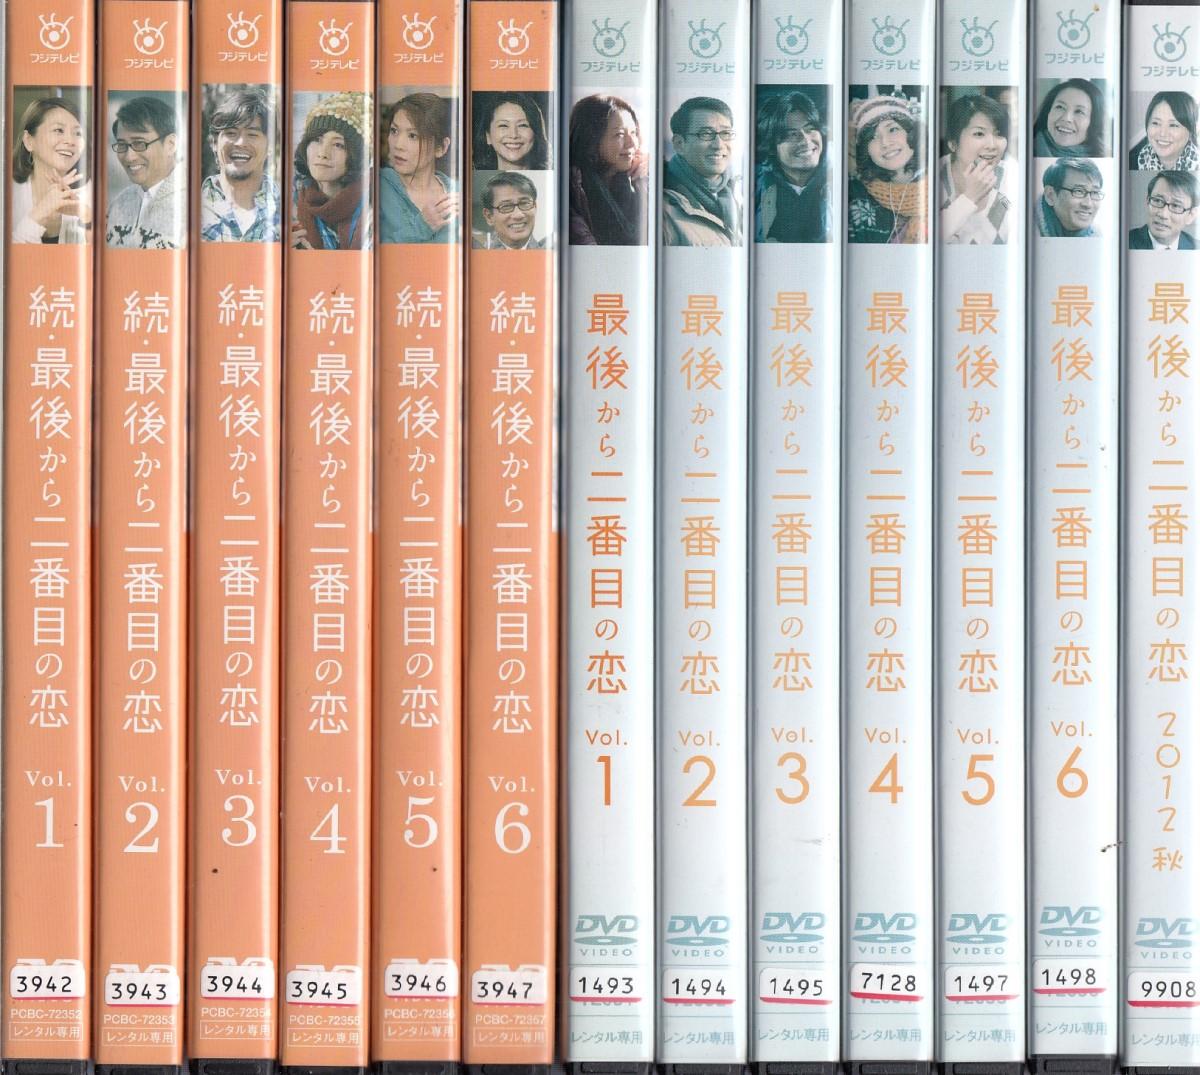 後から二番目の恋 全6巻 + 2012秋 + 続 全6巻13巻セット【中古DVD/レンタル落ち/送料無料】